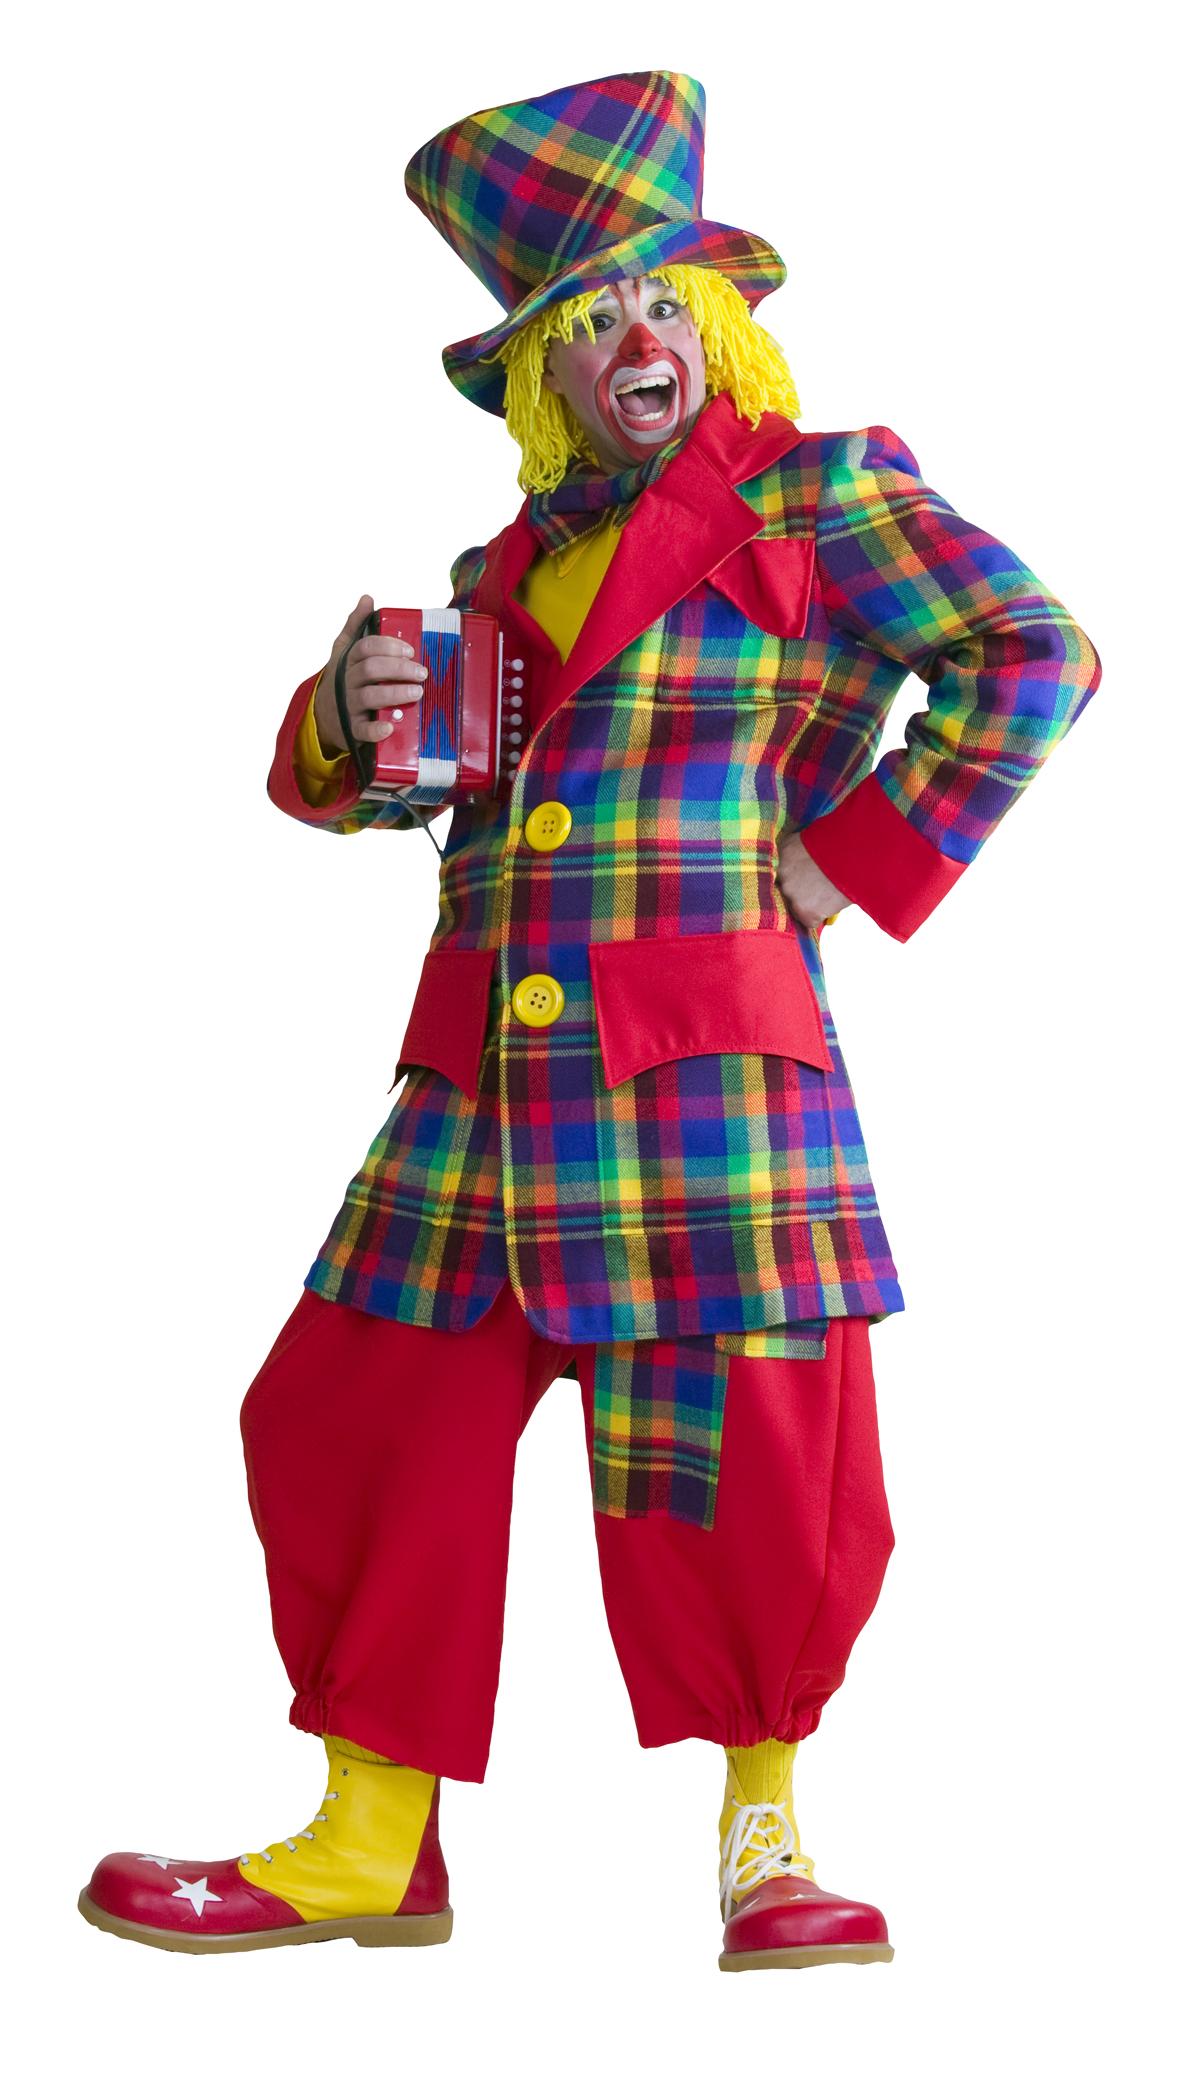 Clown Kostüm Ein Klassiker In Sachen Faschingskostüm